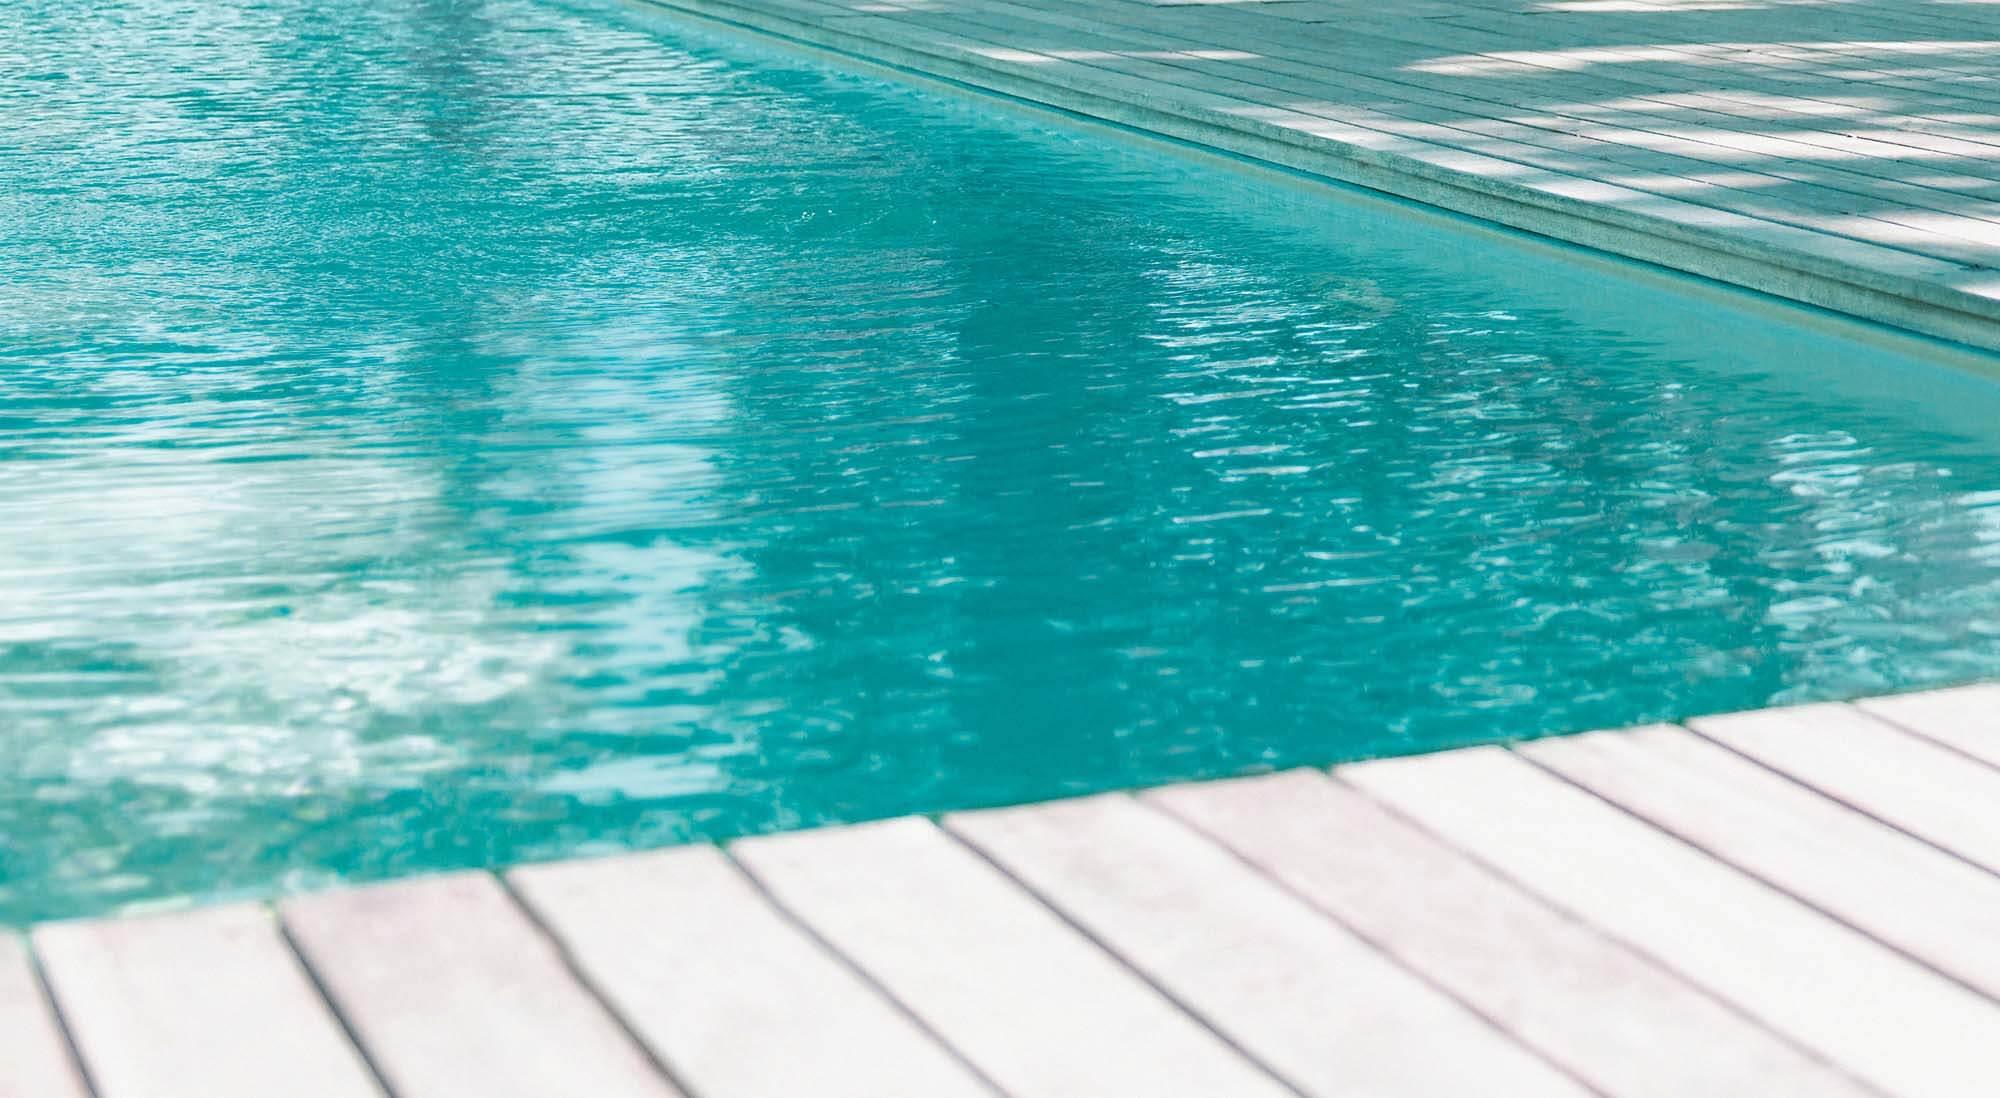 piscine avec eau trouble